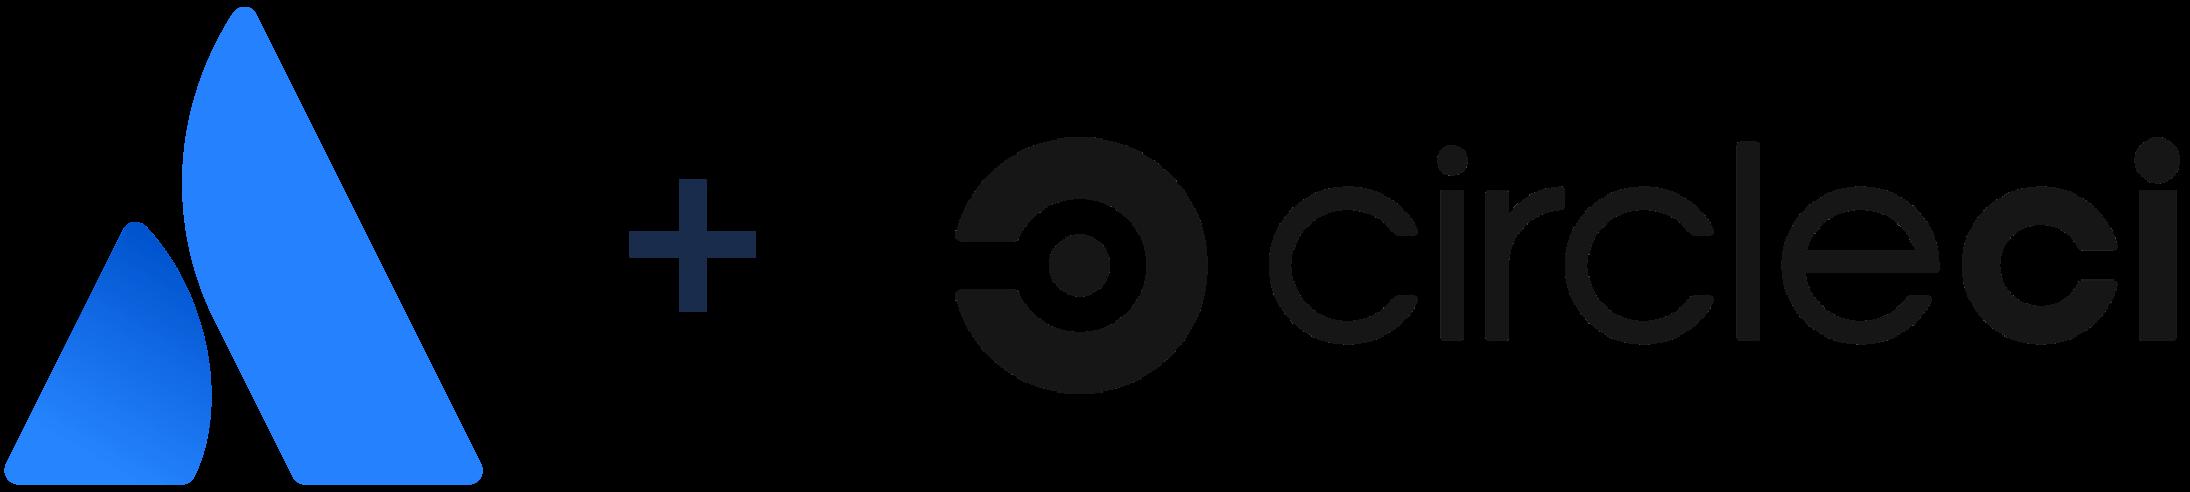 Logotipo de Atlassian + Logotipo de CircleCI